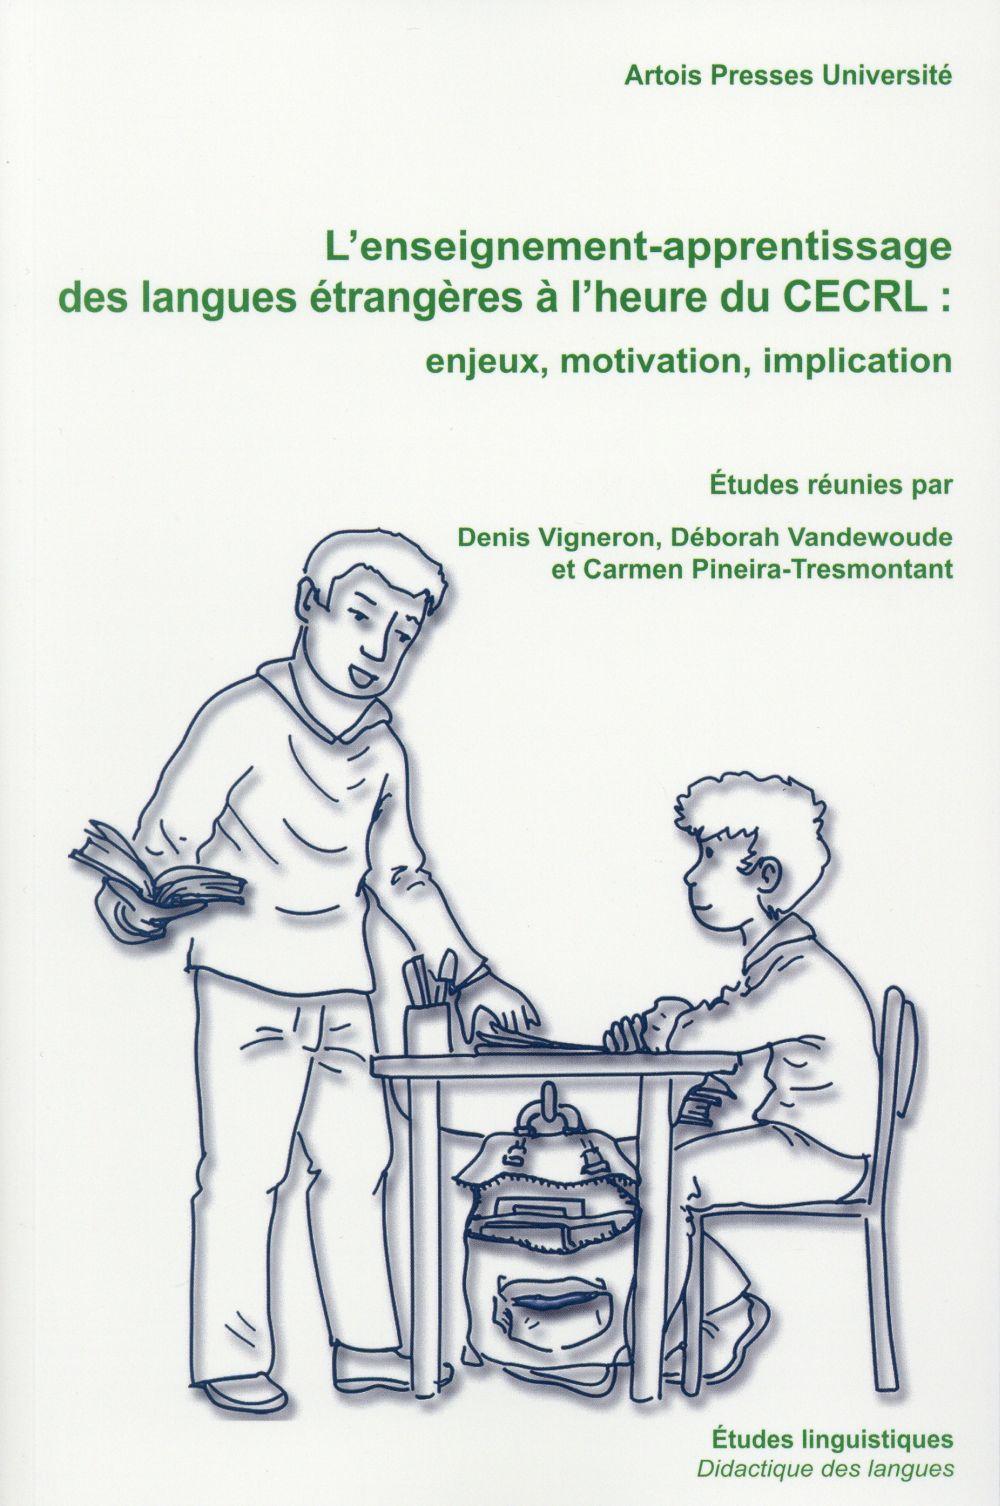 Enseignement apprentissage des langues etrangeres a l heure du cecrl